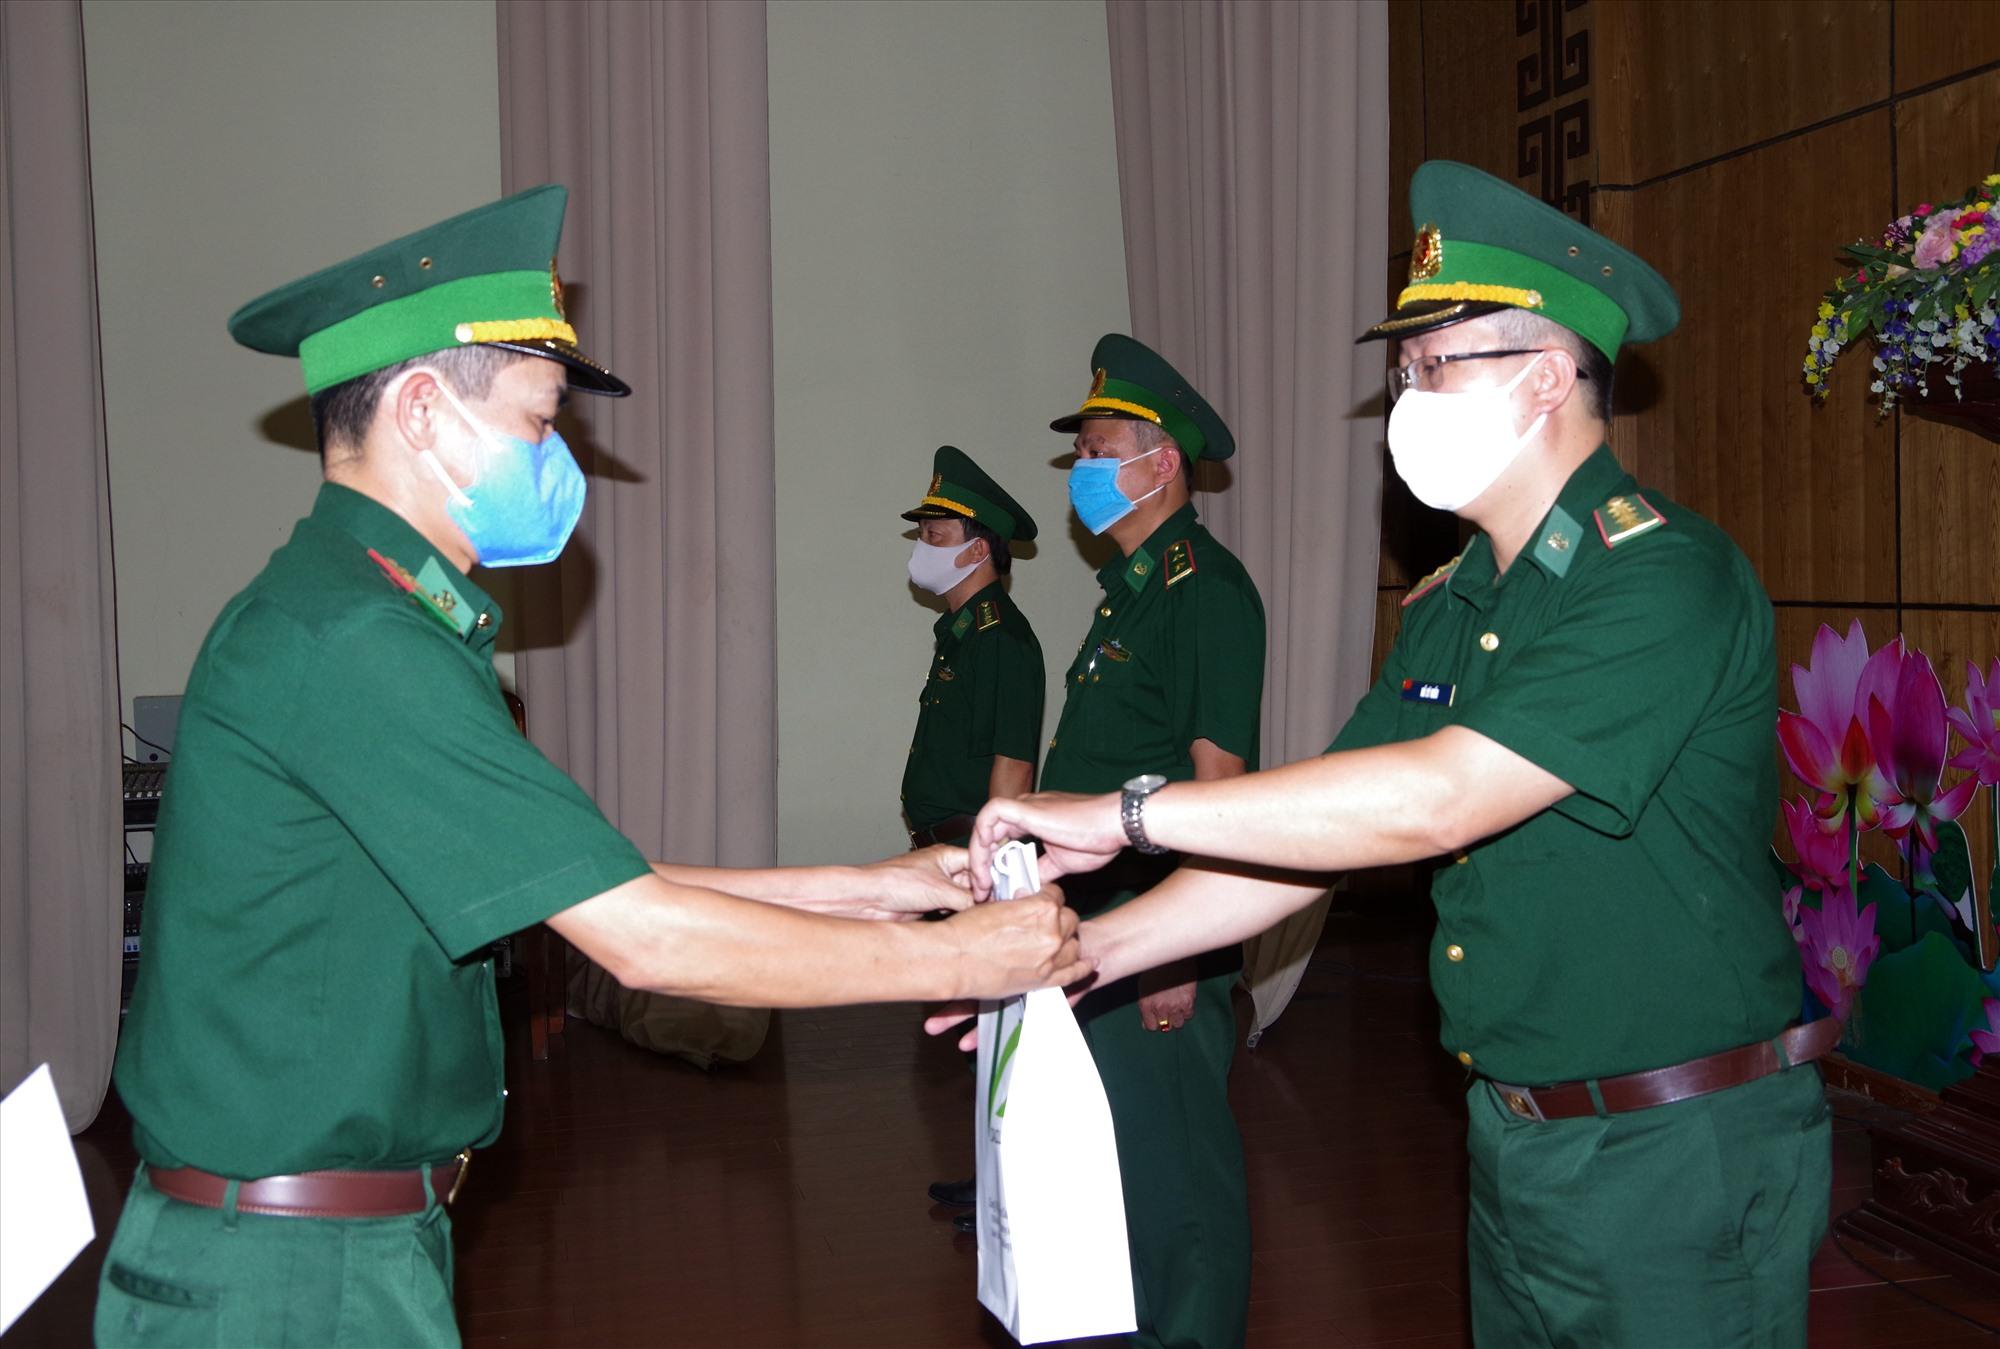 Thượng tá Hoàng Văn Mẫn - Chính ủy BĐBP tỉnh tặng quà động viên cho các cán bộ tăng cường tham gia phòng chống dịch.Ảnh: VĂN VINH